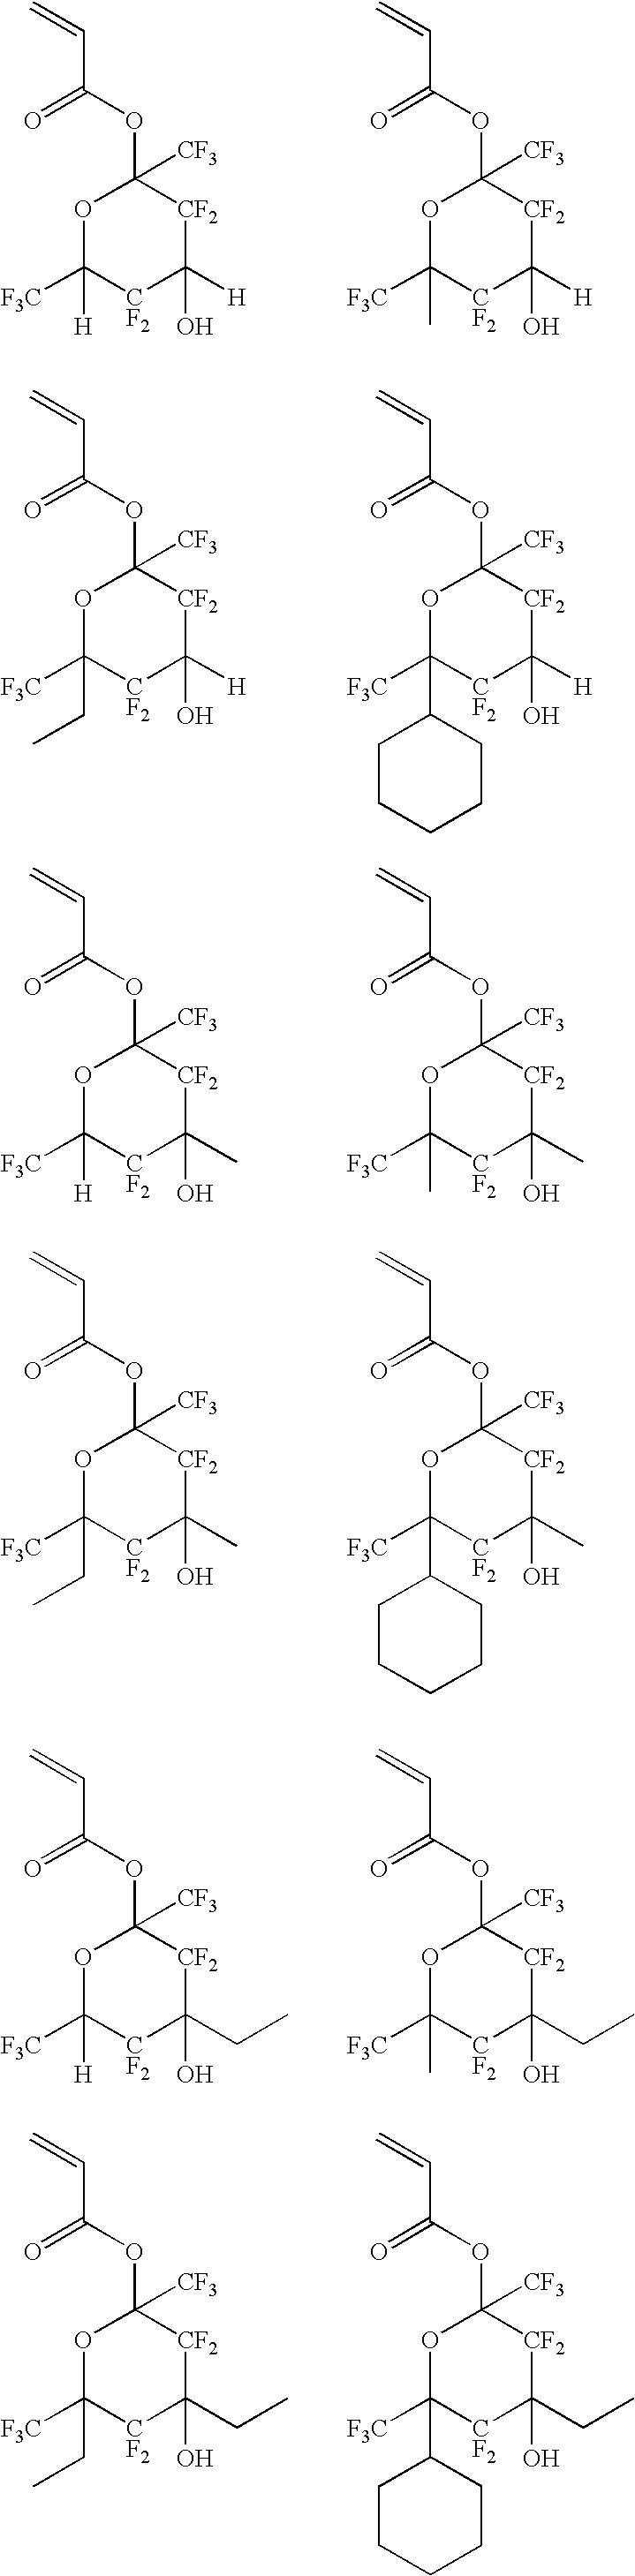 Figure US20060094817A1-20060504-C00018